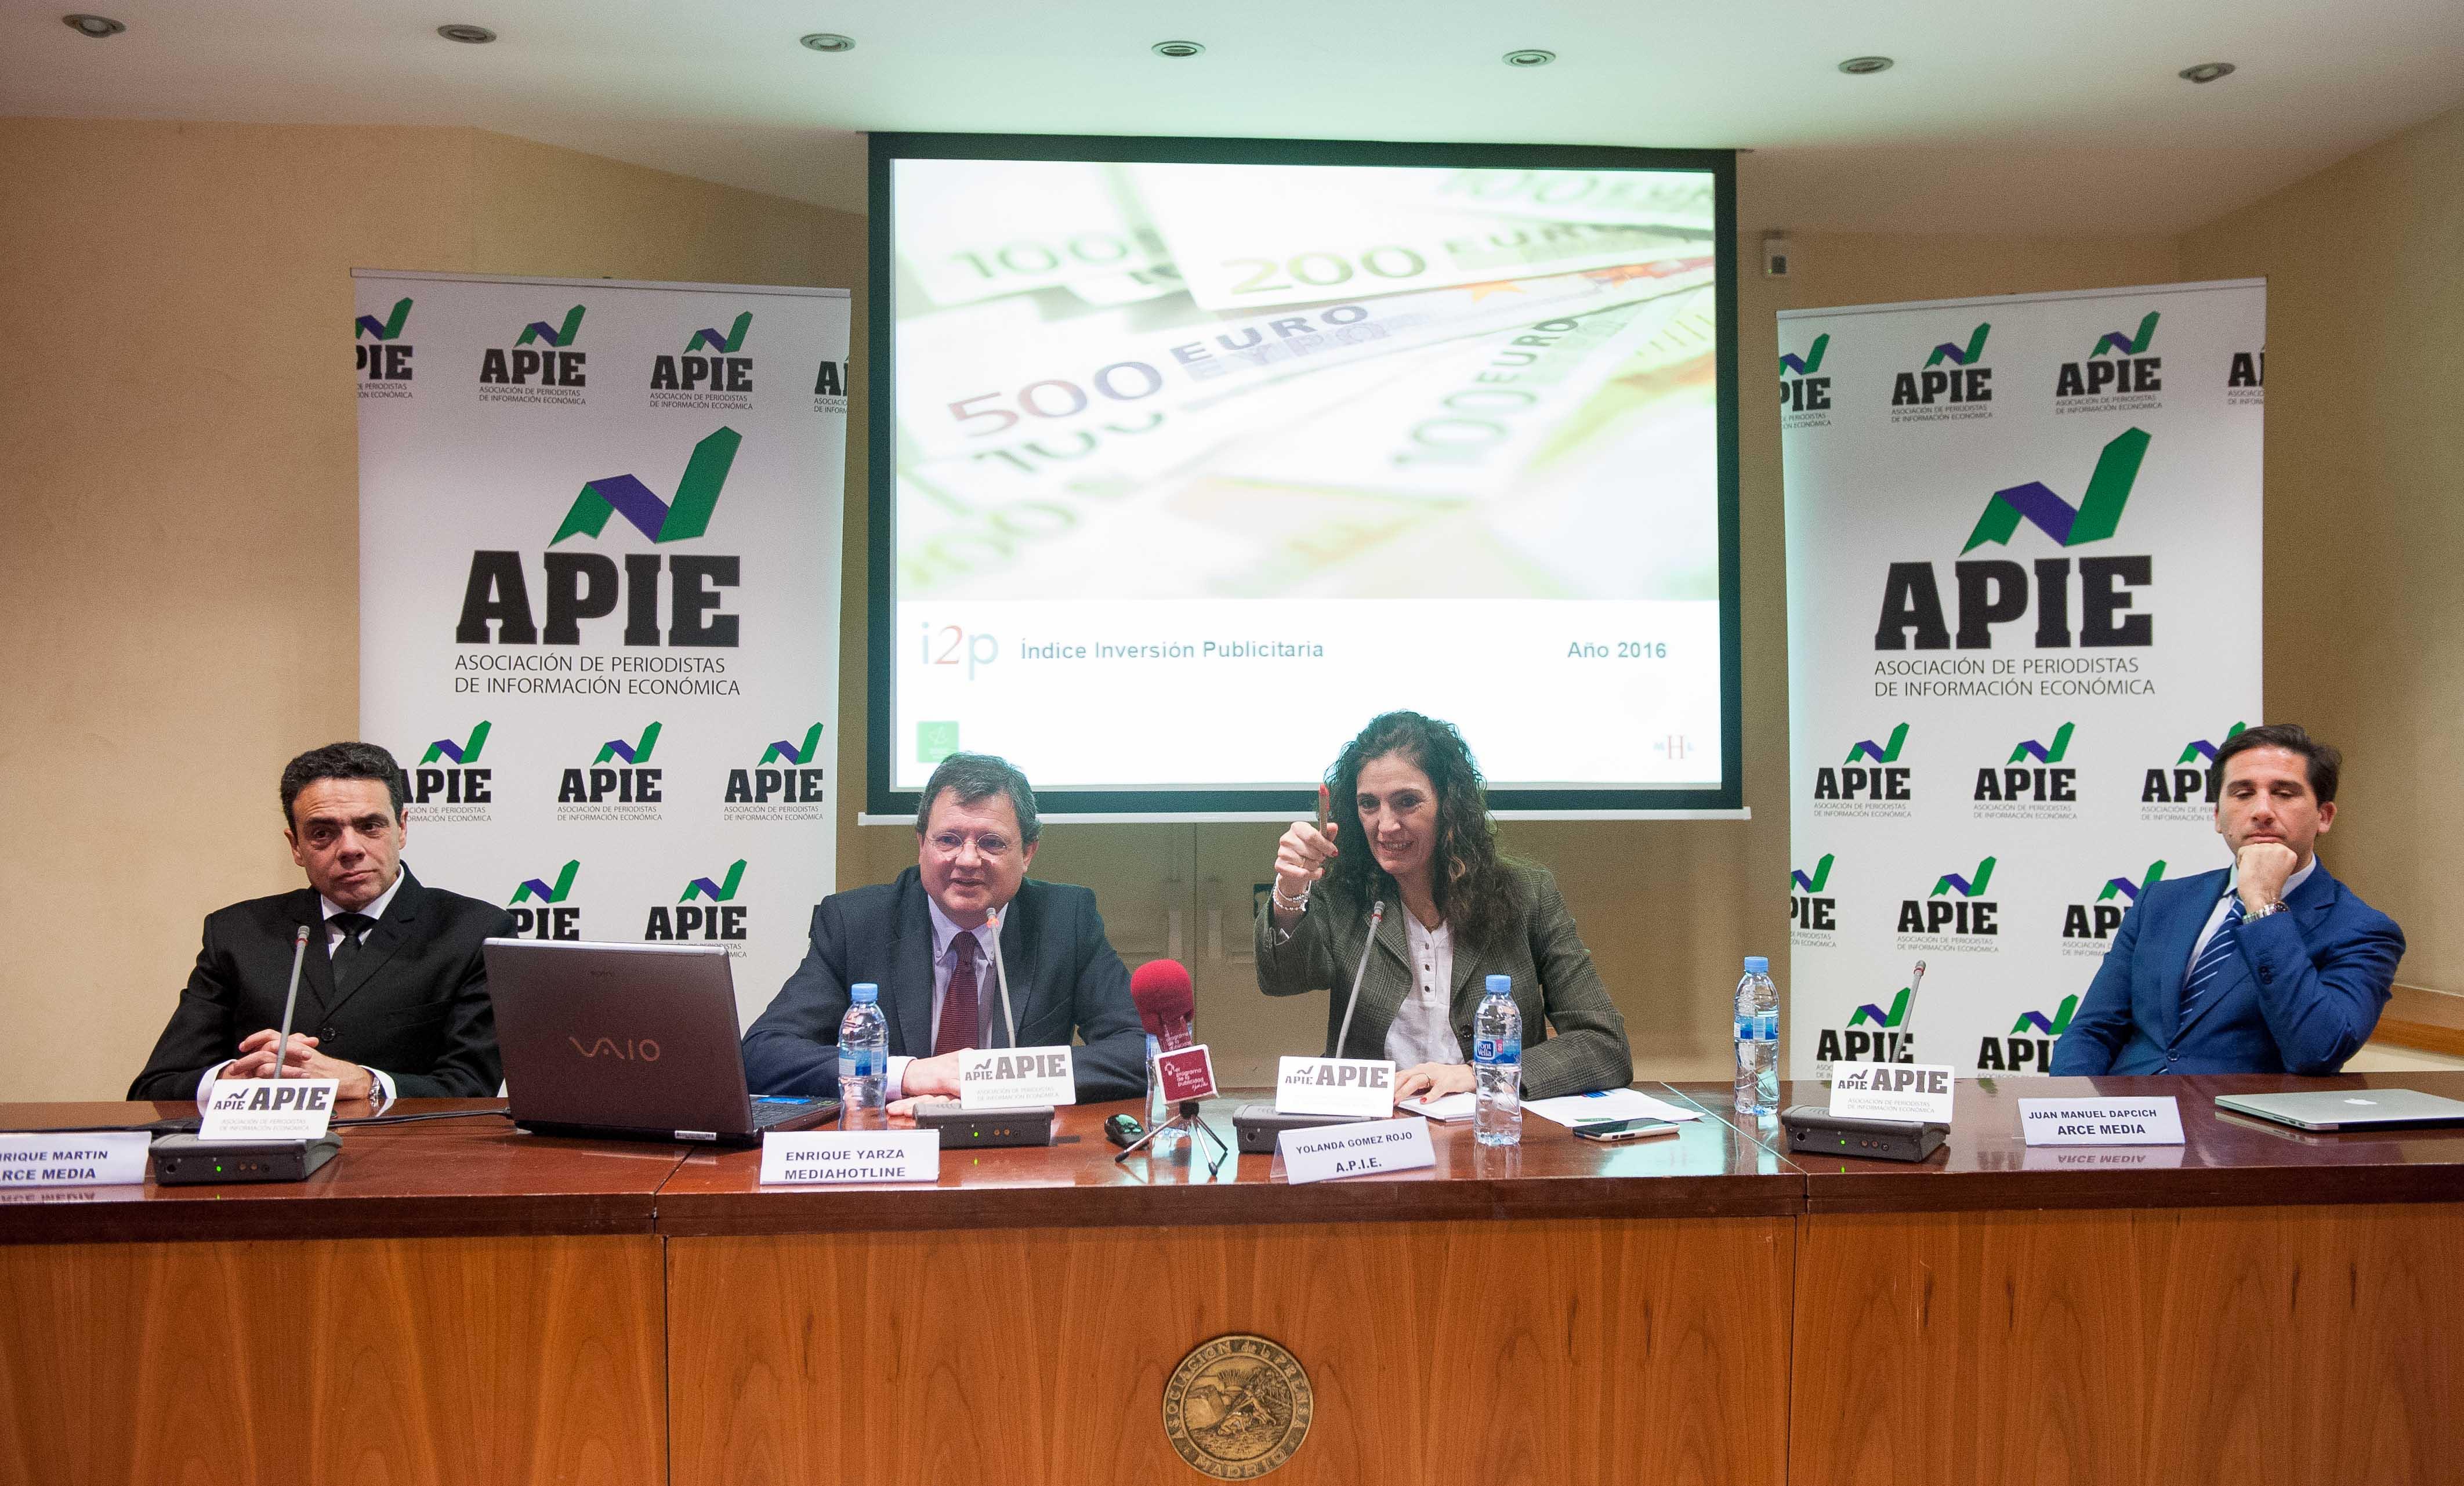 Un momento de la presentación del informe 12p sobre inversión publicitaria en medios; de izquierda a derecha, Enrique Martín, Director General Técnico de Arce Media, Enrique Yarza, Presidente de Media Hotline, Yolanda Gómez Rojo, Vicepresidenta de la APIE, y Juan Manuel Dapcich, CEO de Auditmedia.